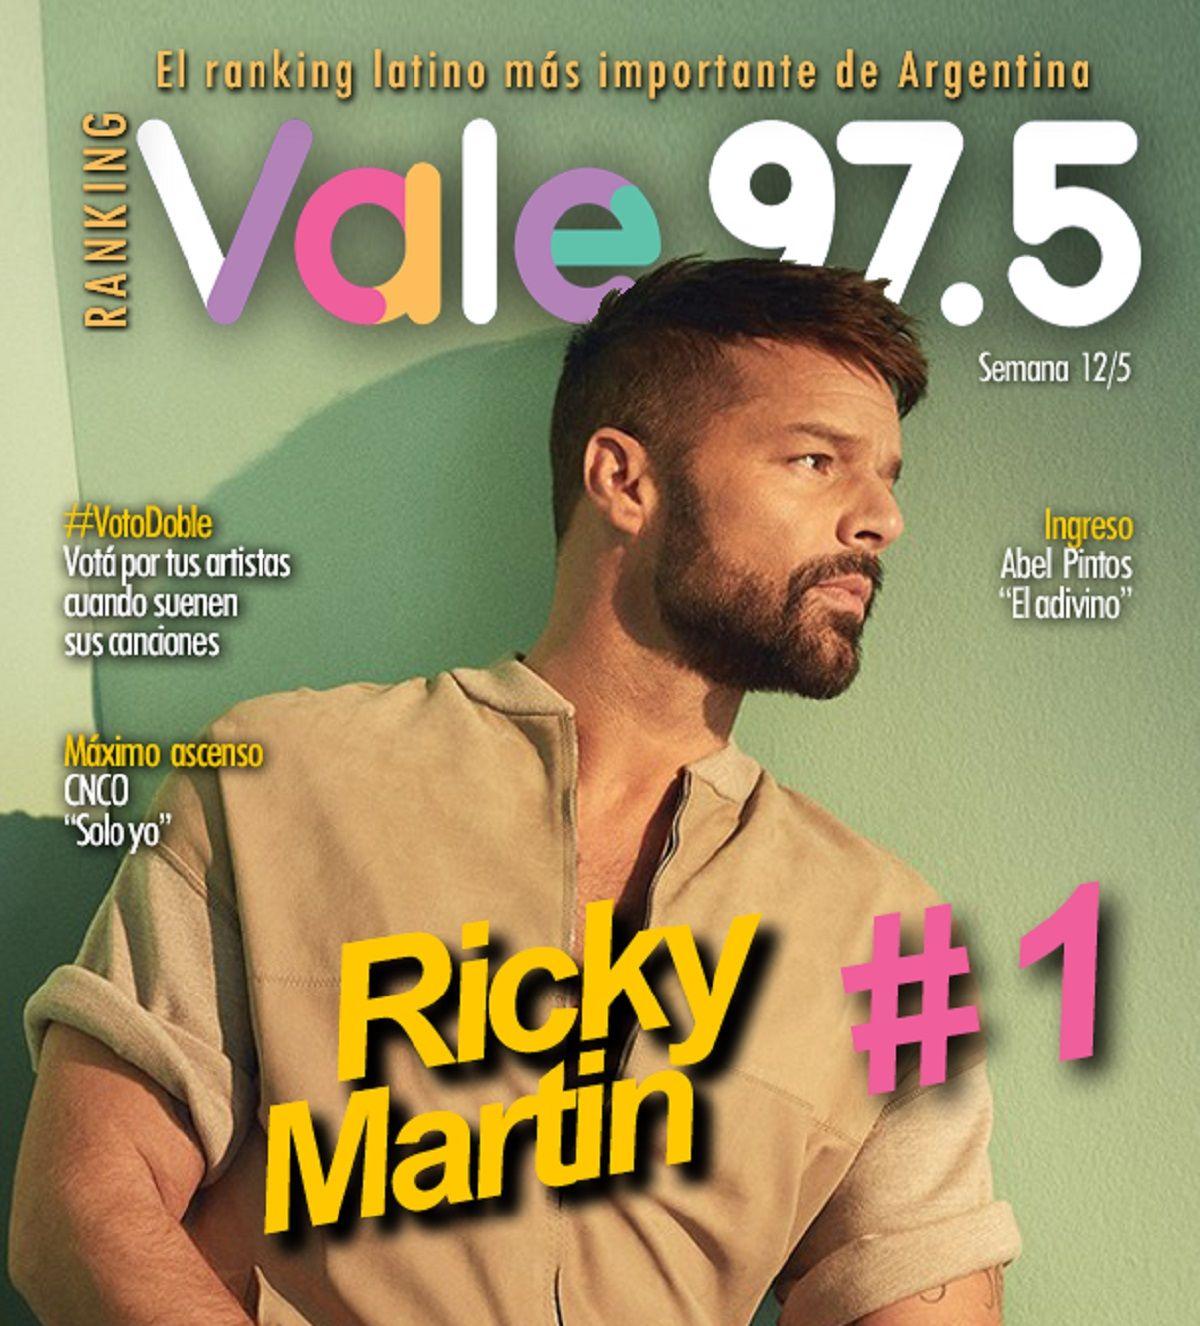 Nadie puede con Ricky Martin en el Ranking Vale